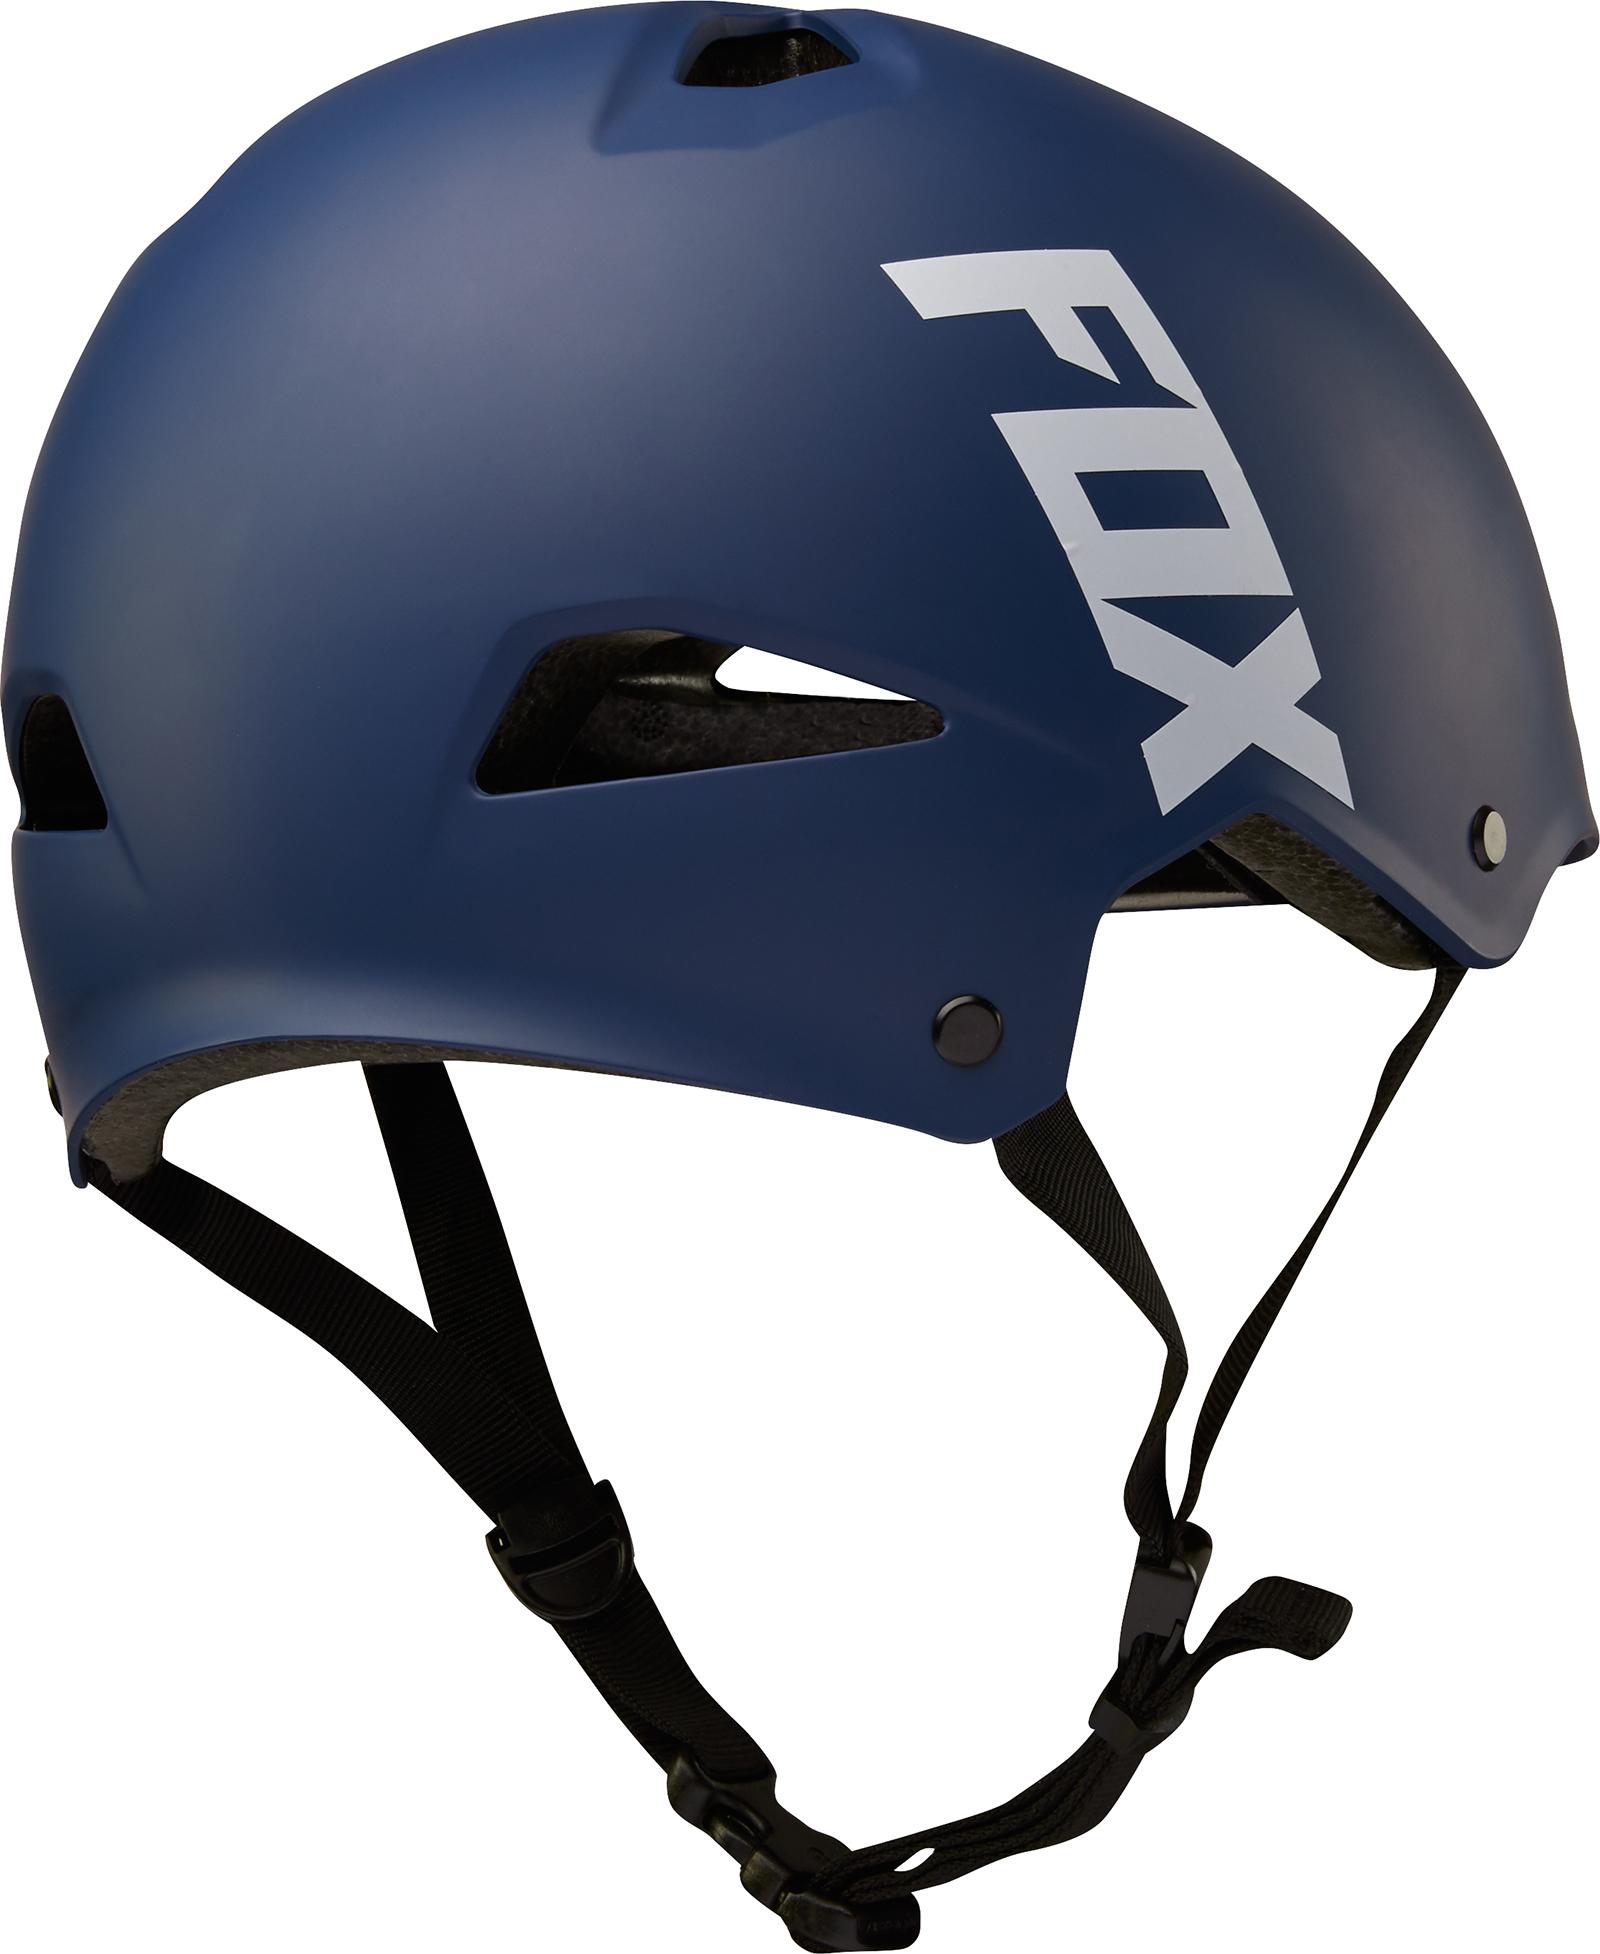 Fox-Head-Flight-Sport-Trail-Bike-Dirt-Jump-Adult-Protective-Helmet thumbnail 20